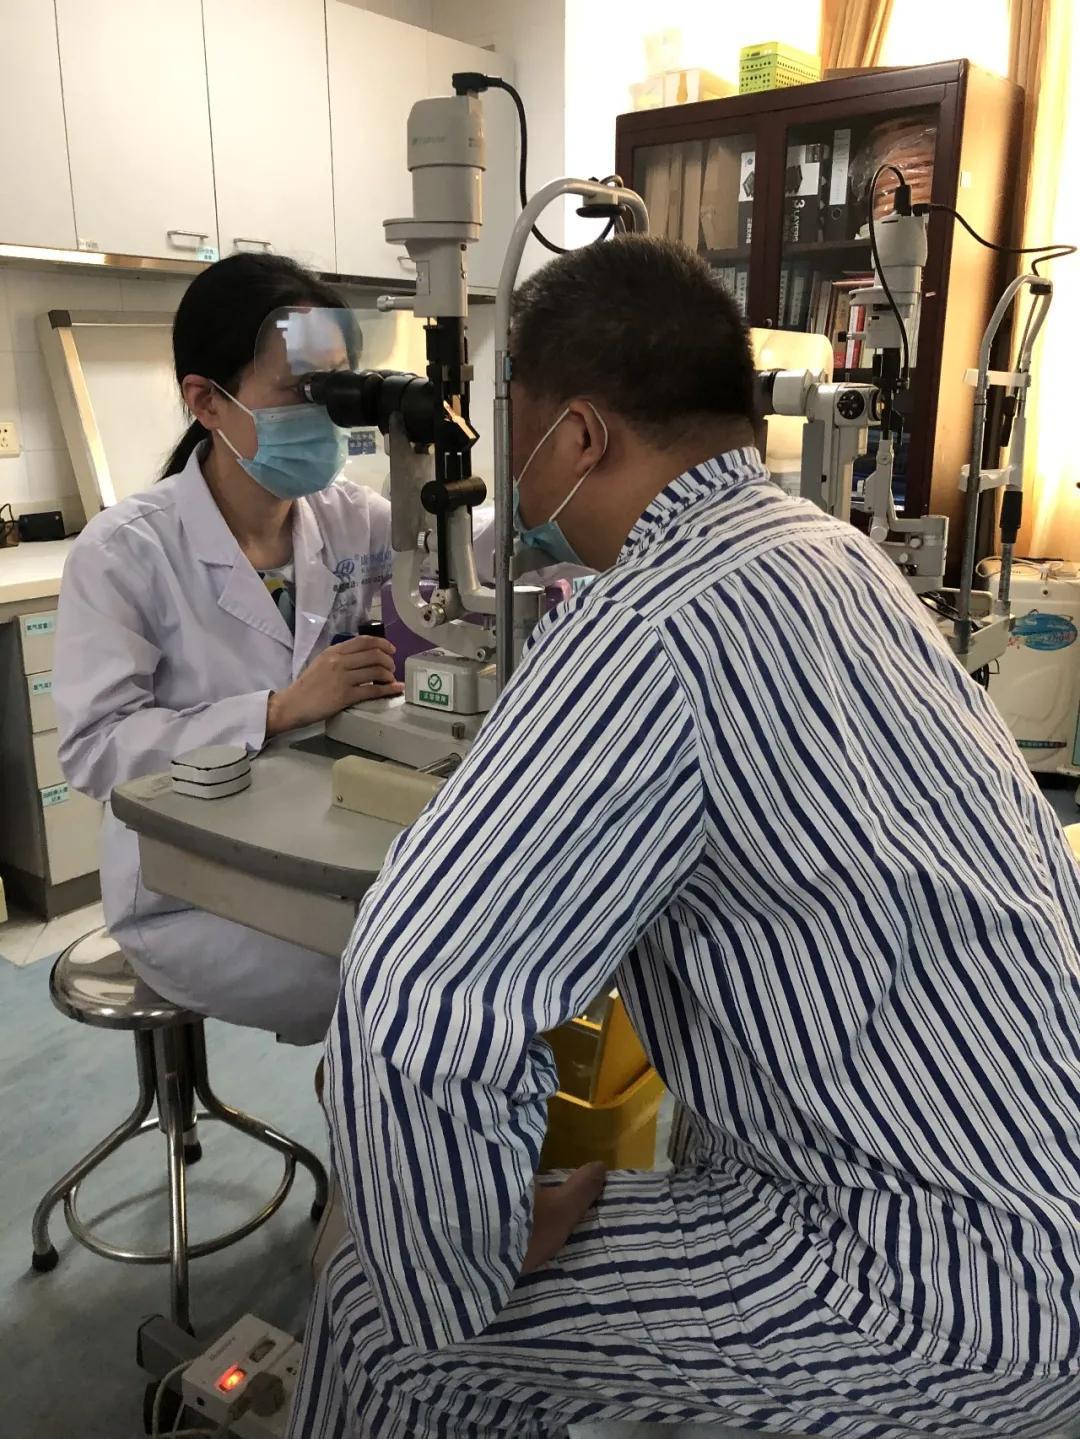 深圳市眼科医院院长张少冲顺利帮助视网膜 360 度完全脱离的患者寻回光明